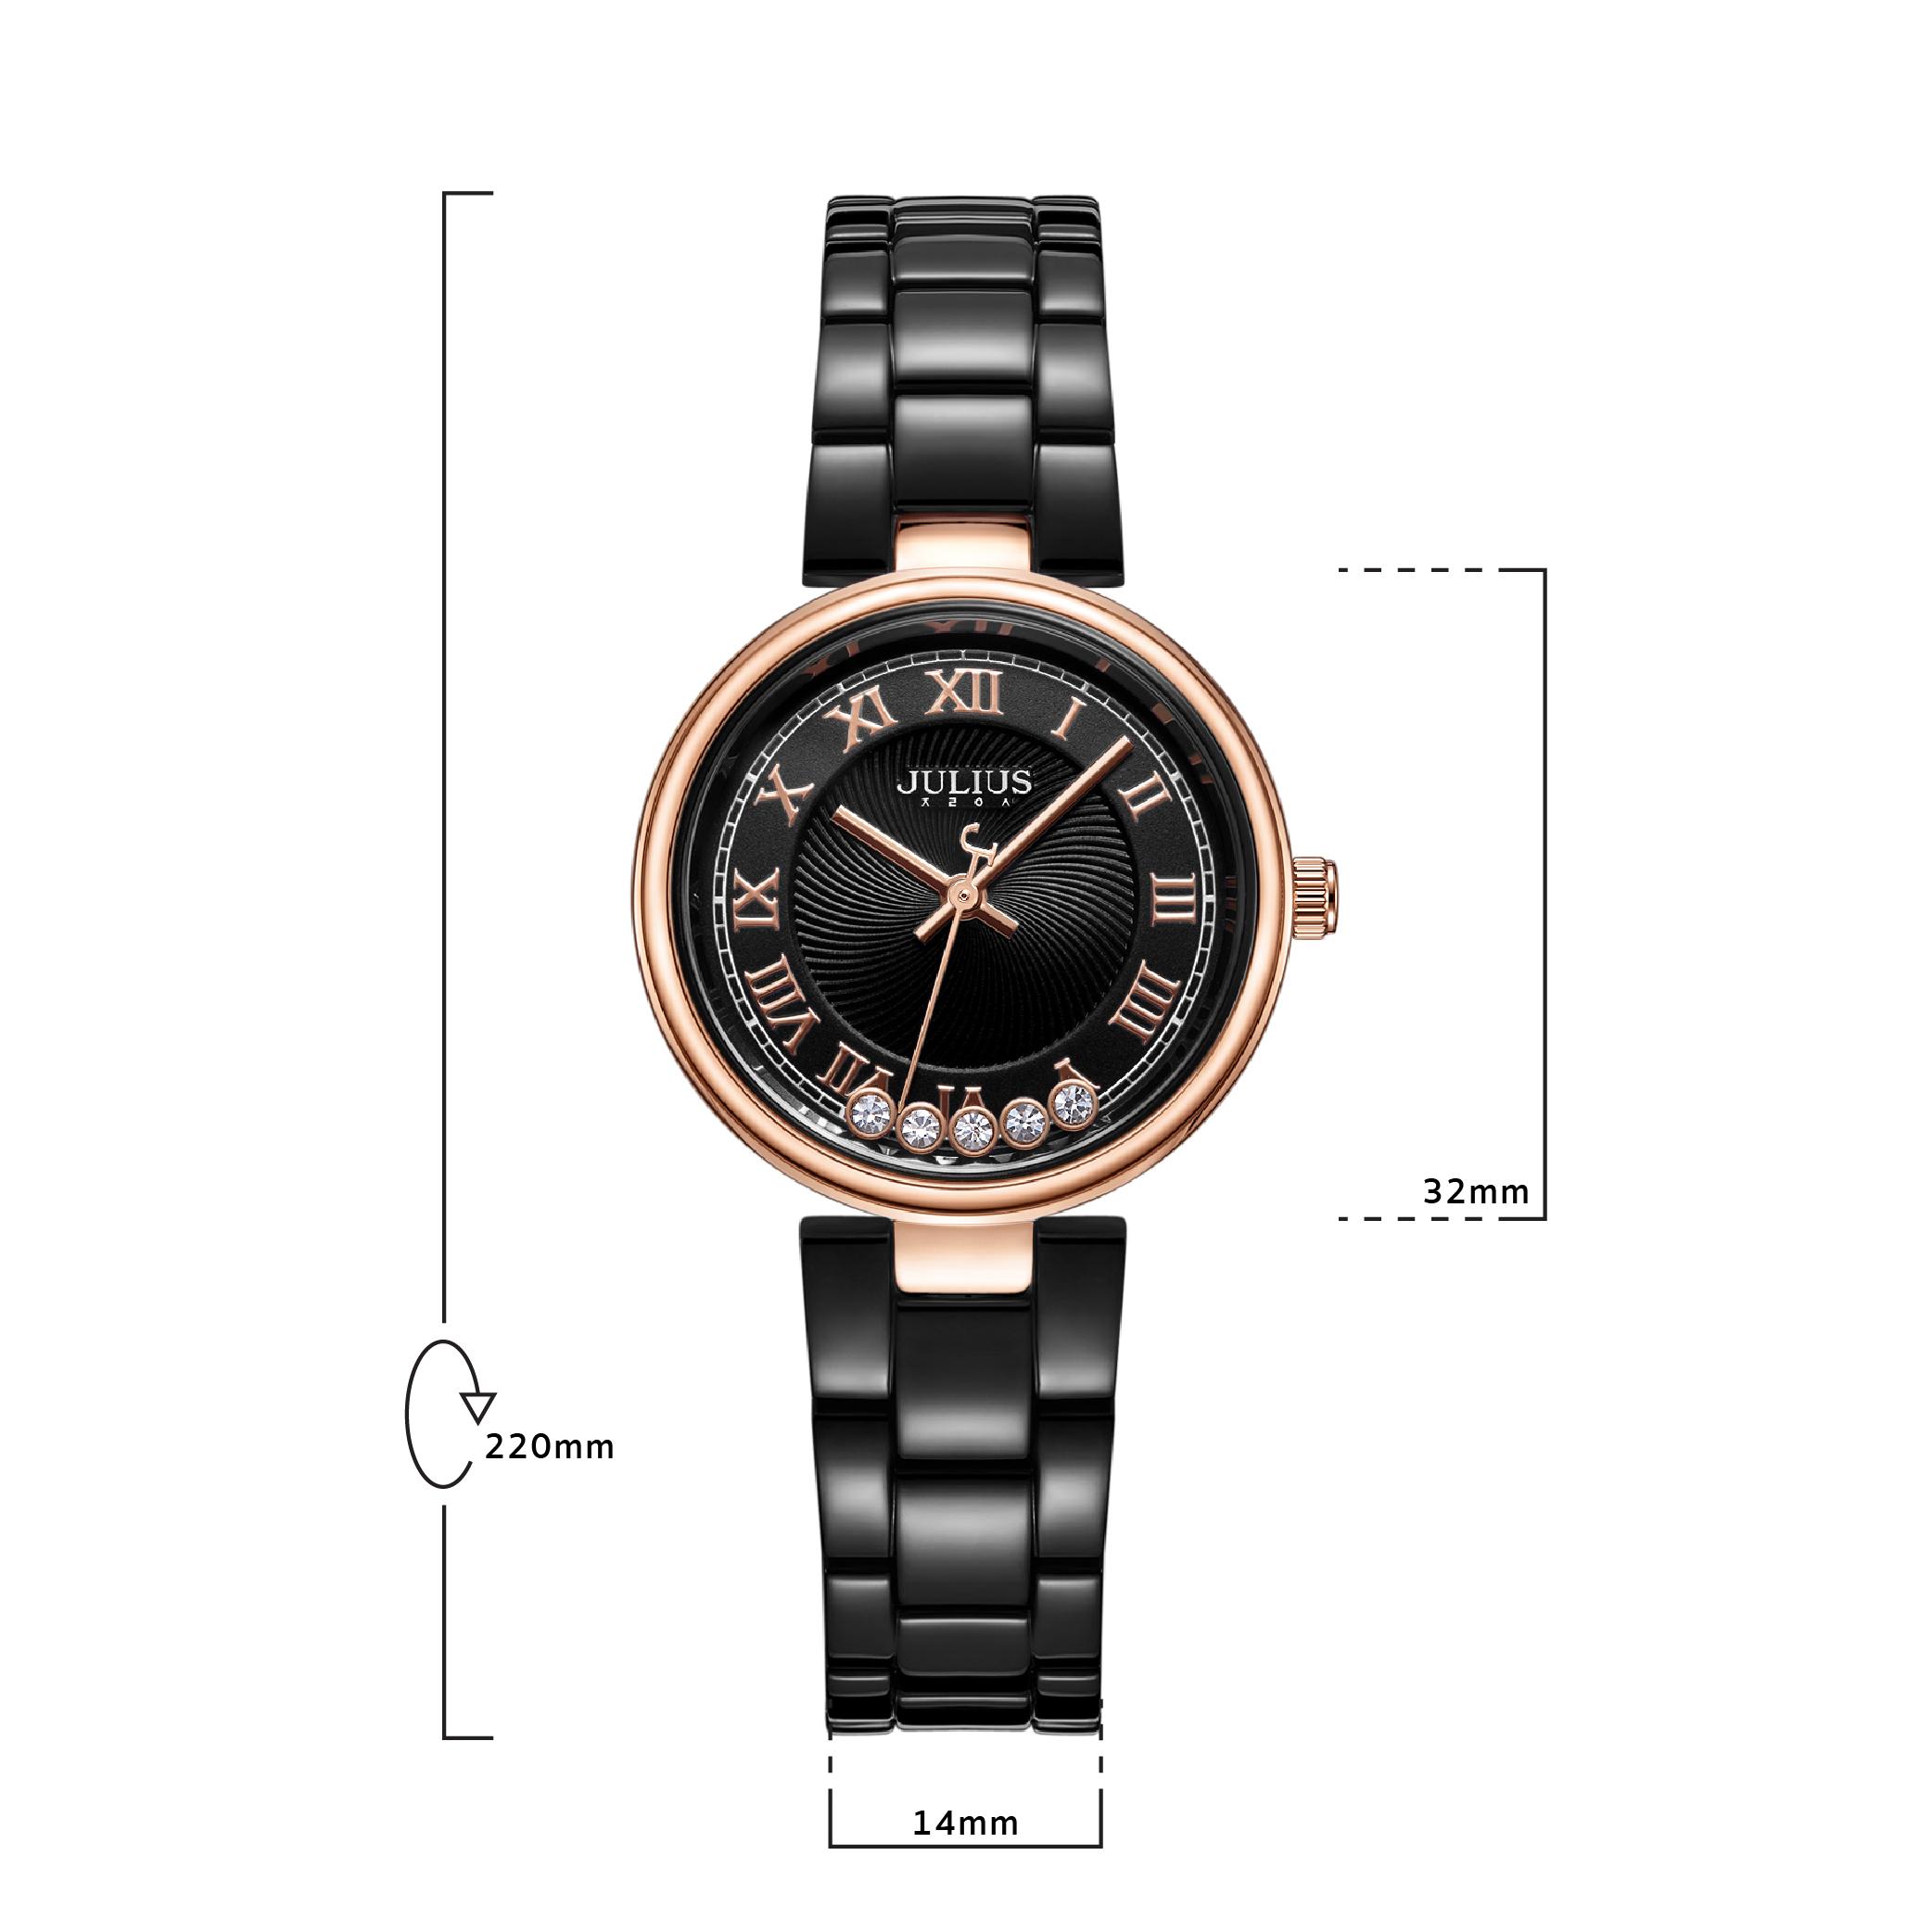 นาฬิกาข้อมือผู้หญิง JULIUS 1236 D